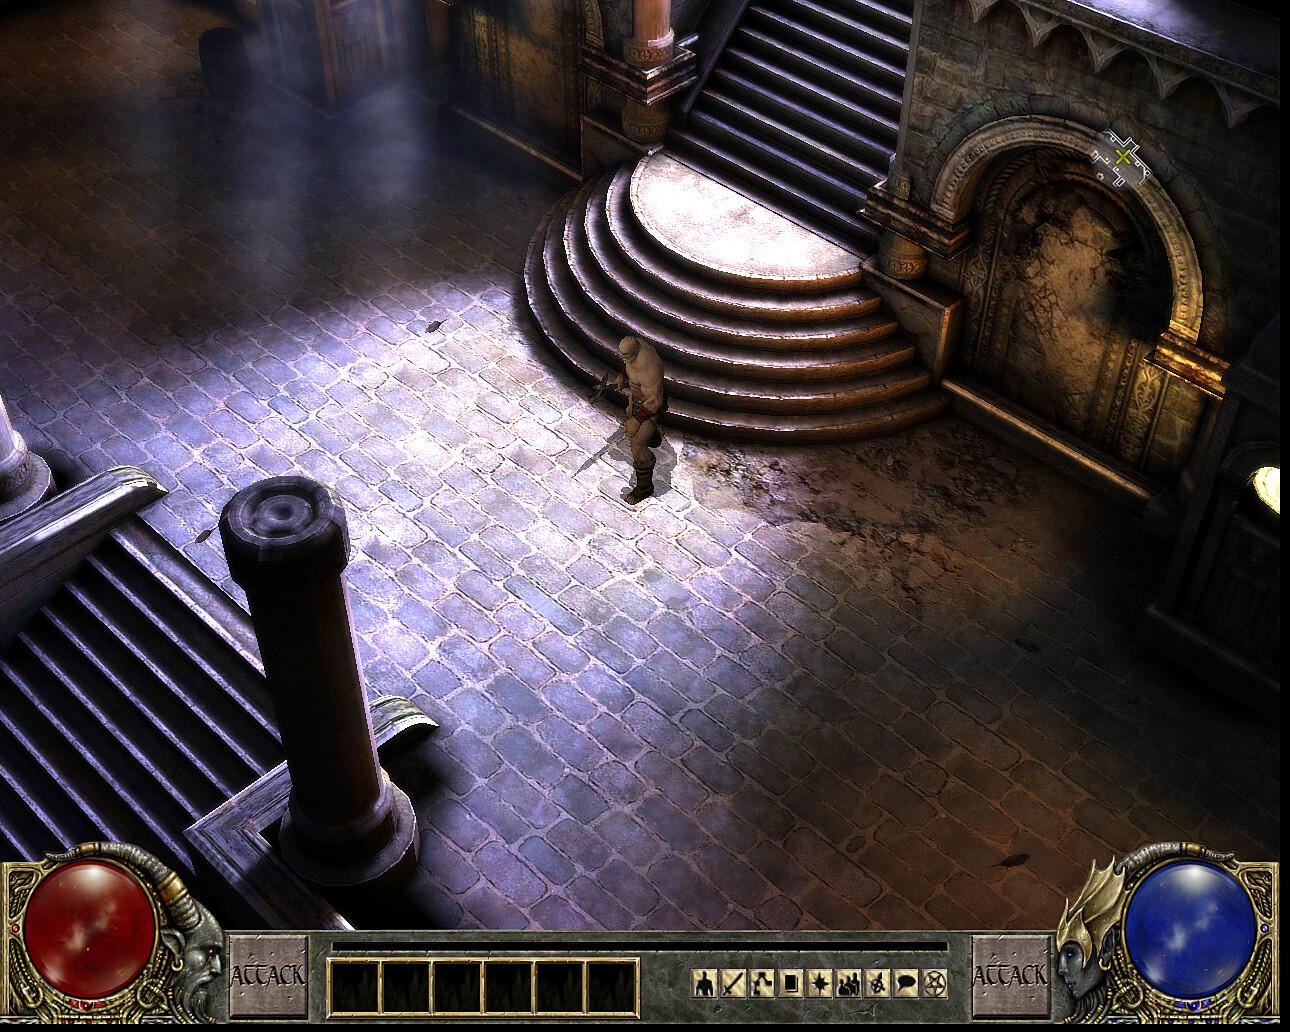 Находка: скриншоты отмененной Diablo III 17